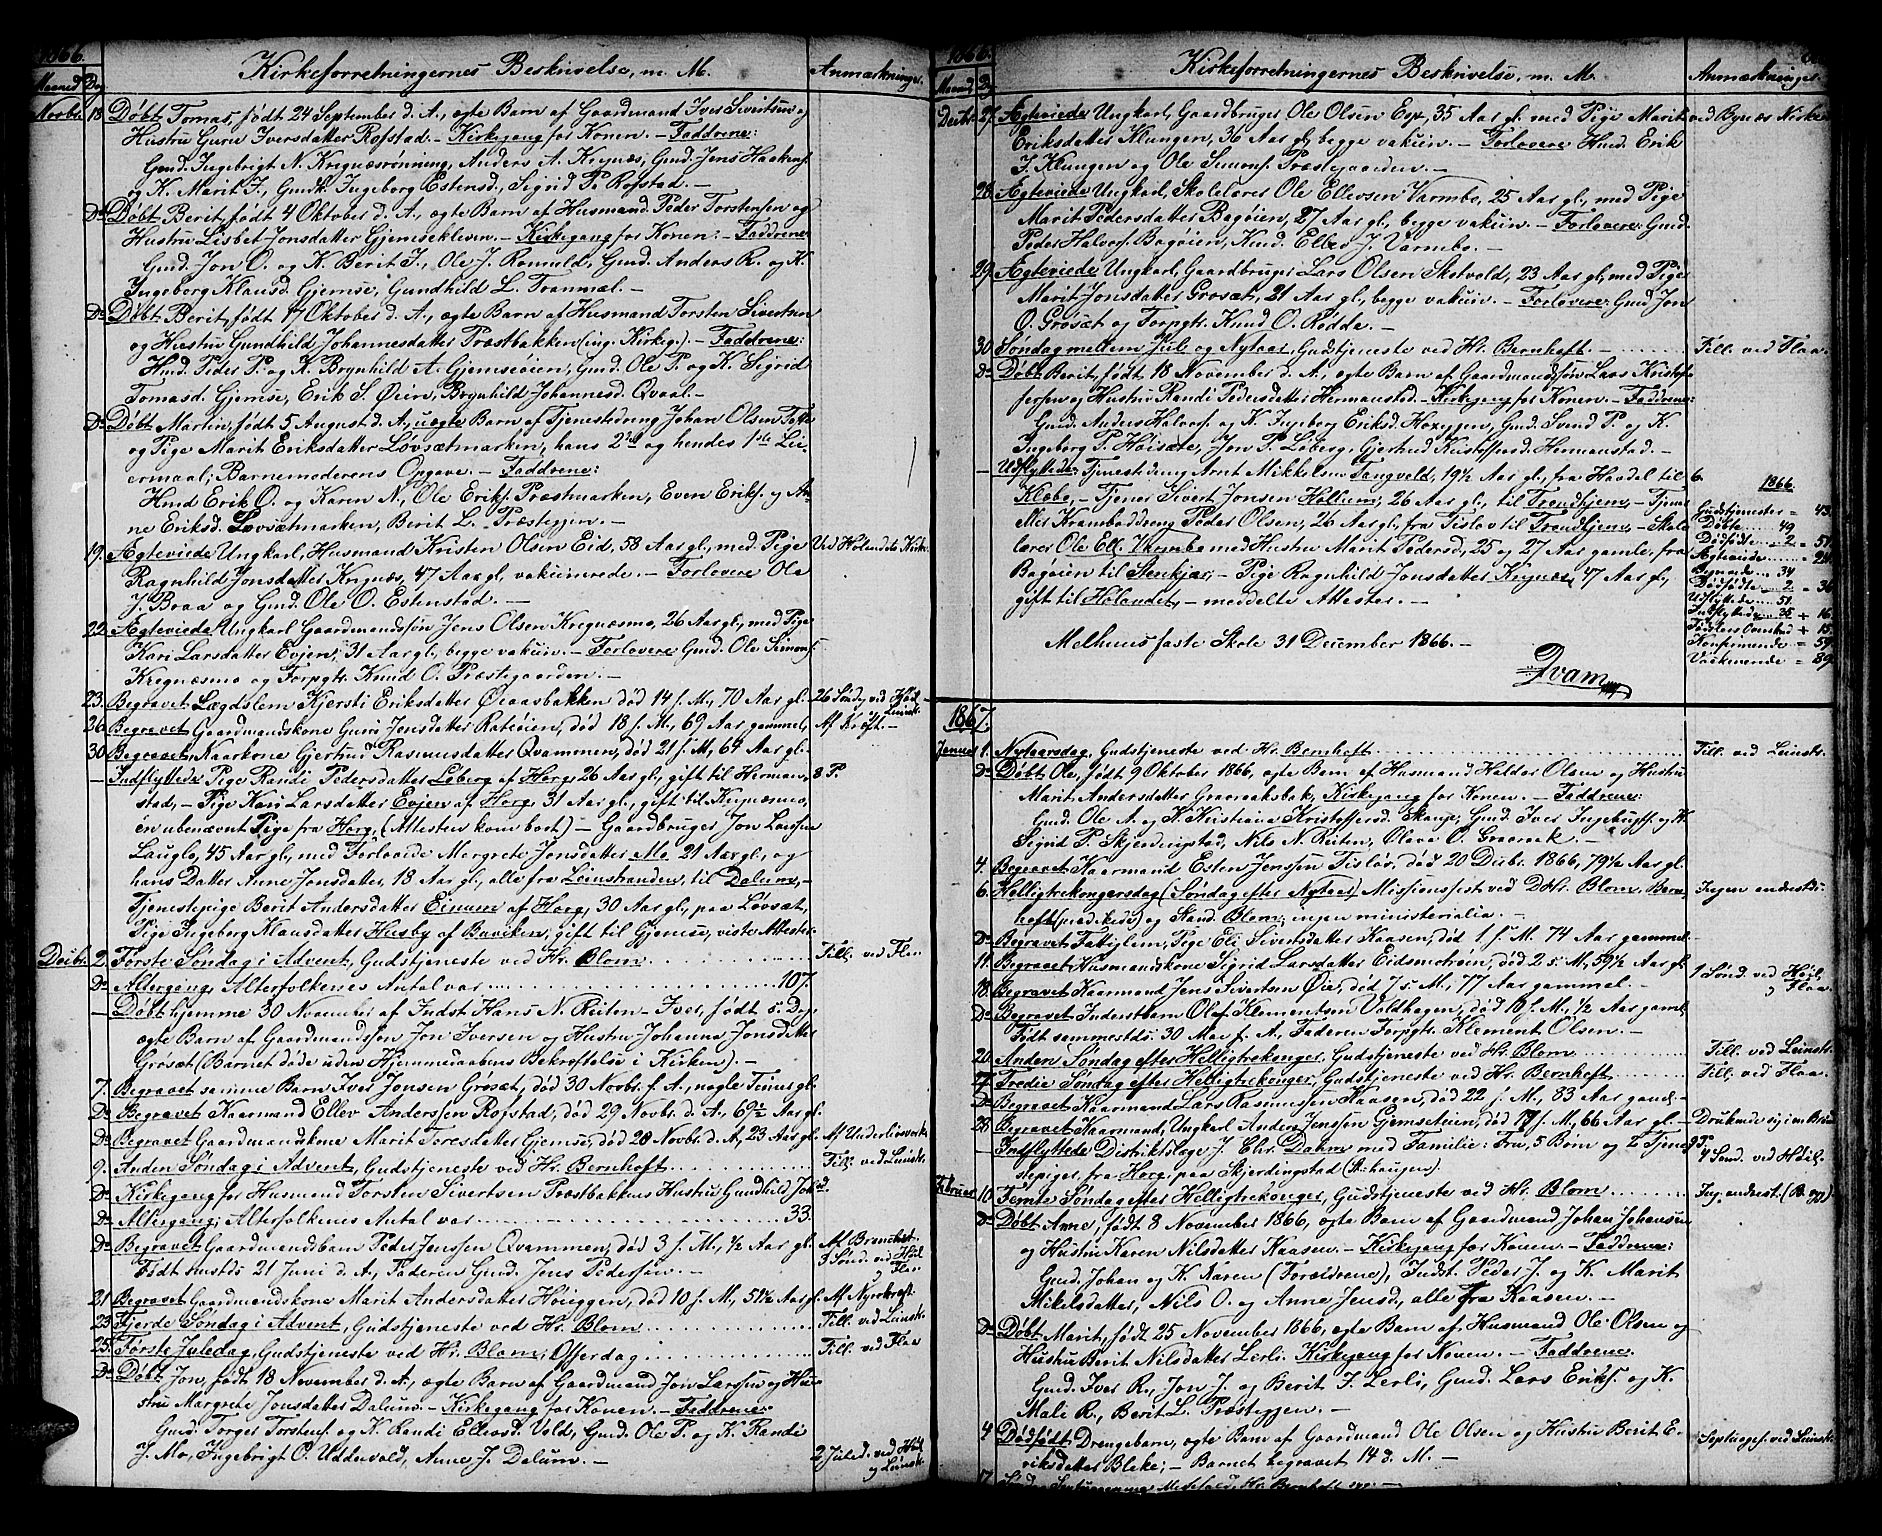 SAT, Ministerialprotokoller, klokkerbøker og fødselsregistre - Sør-Trøndelag, 691/L1093: Klokkerbok nr. 691C04, 1852-1879, s. 88